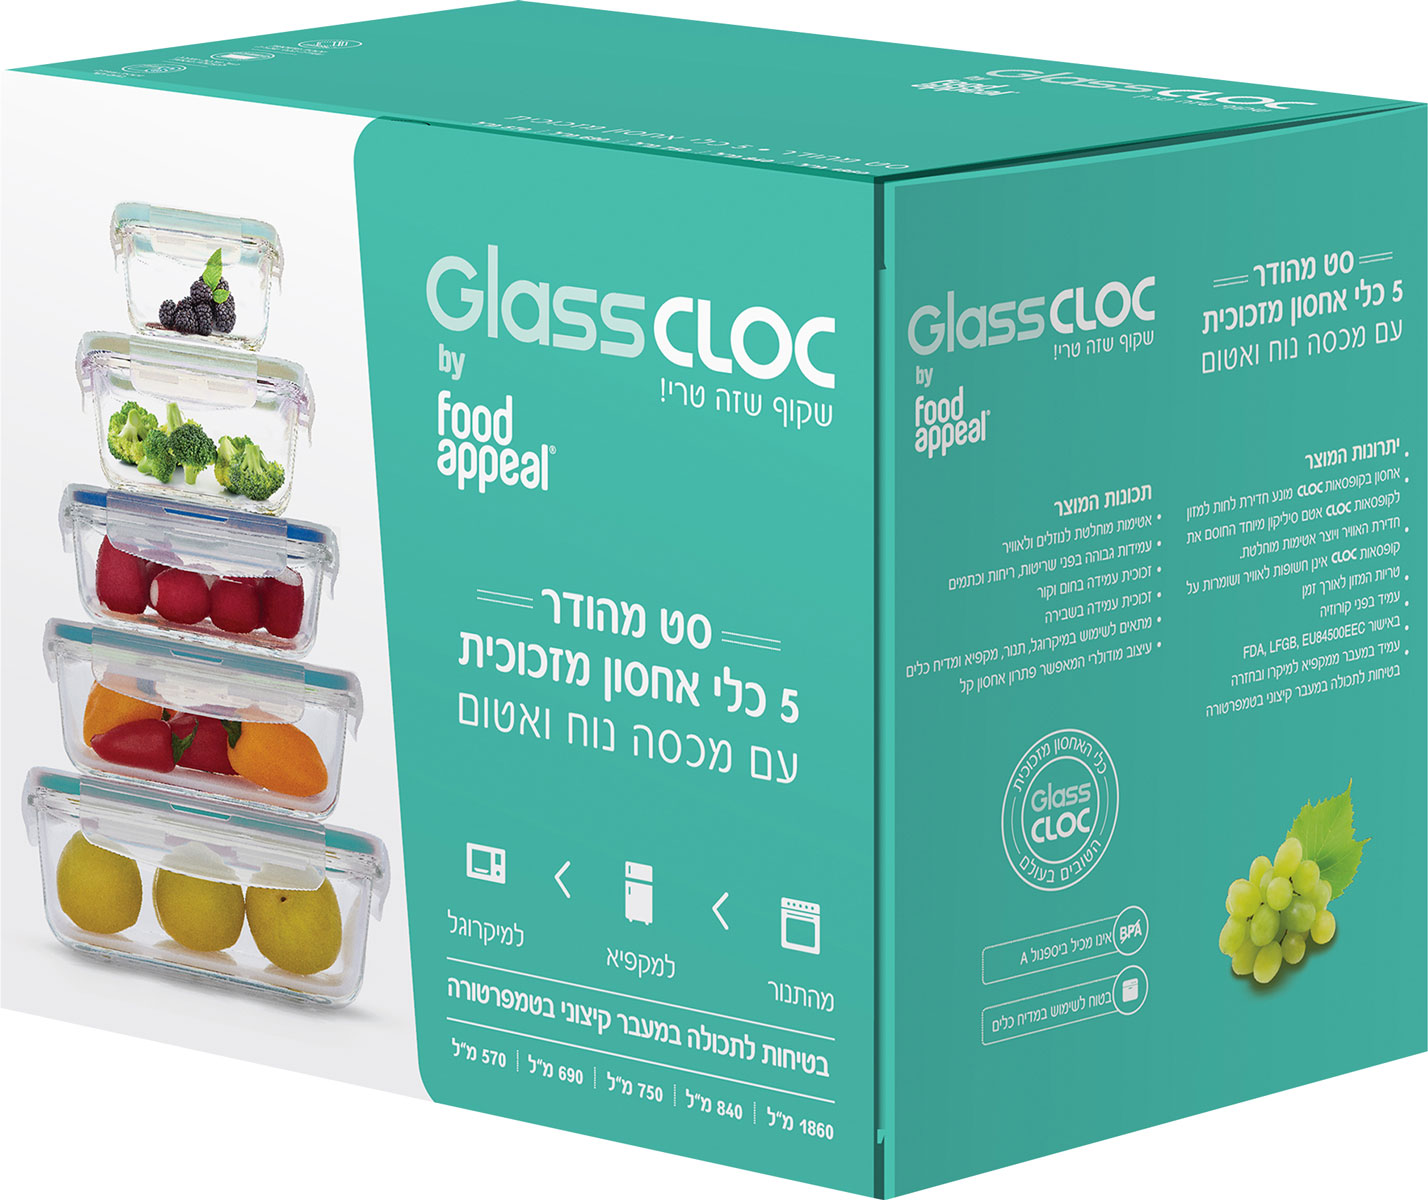 סט 5 כלי אחסון מזכוכית טורקיז Glass Cloc Food Appeal פוד אפיל